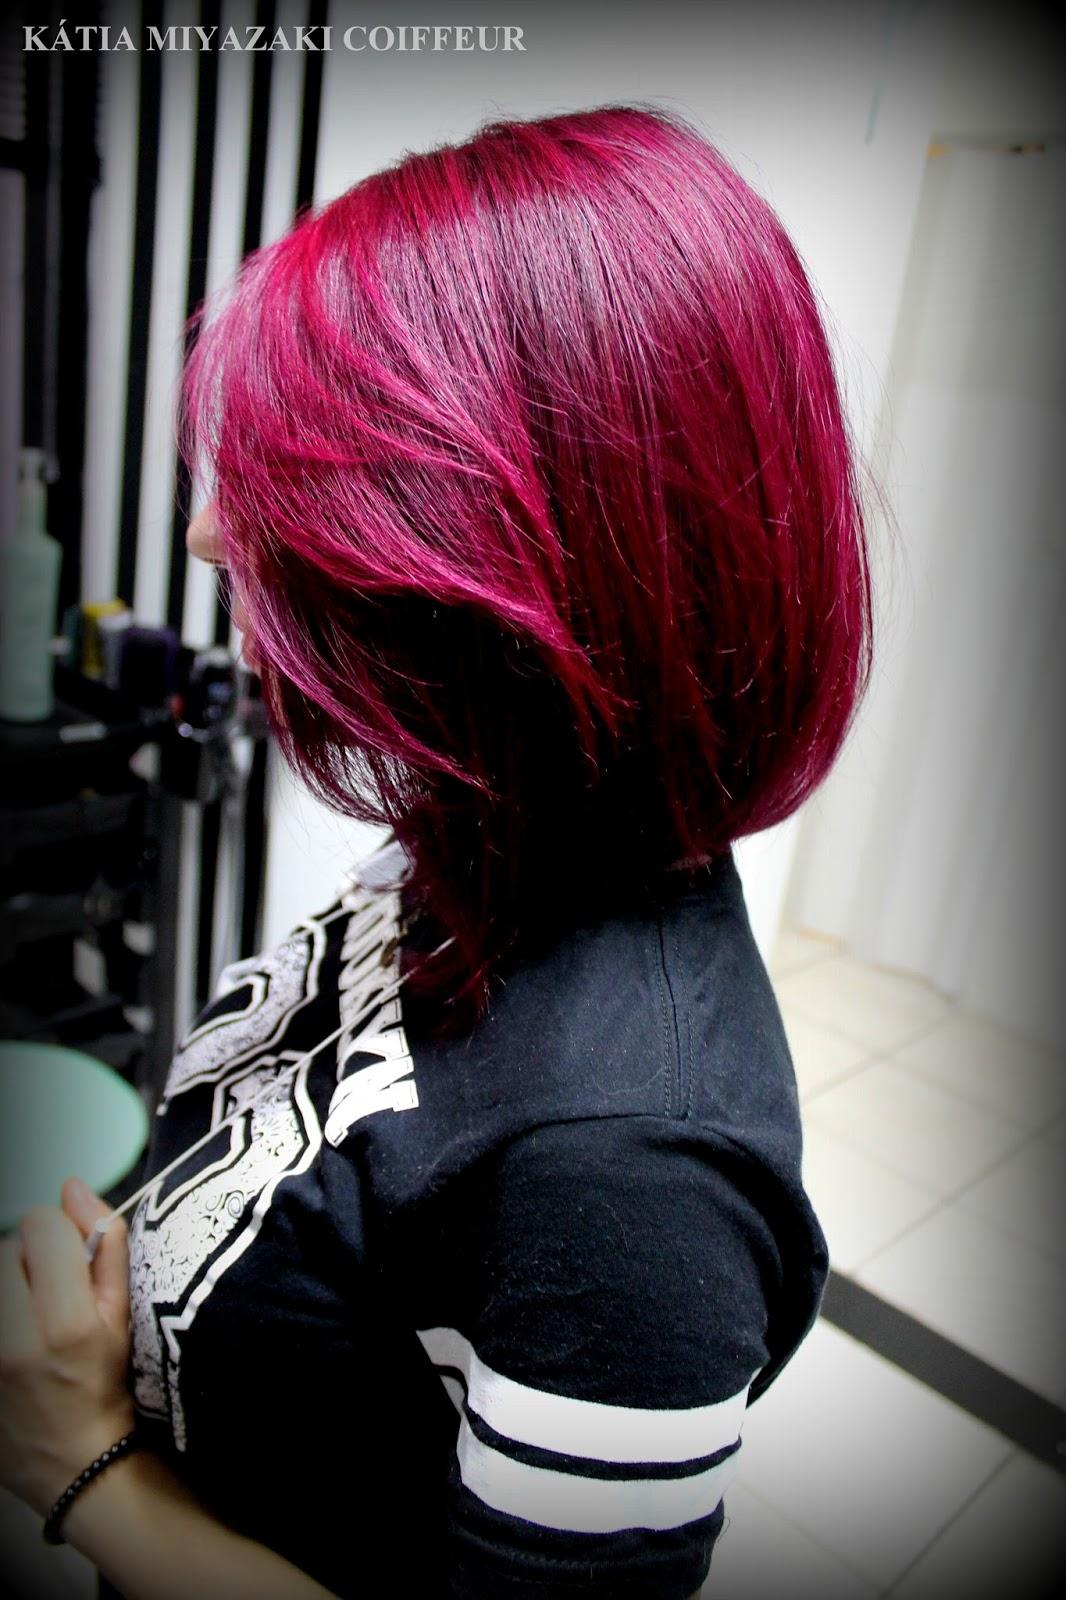 Katia Miyazaki Coiffeur: Cabelo colorido - cabelo roxo ...